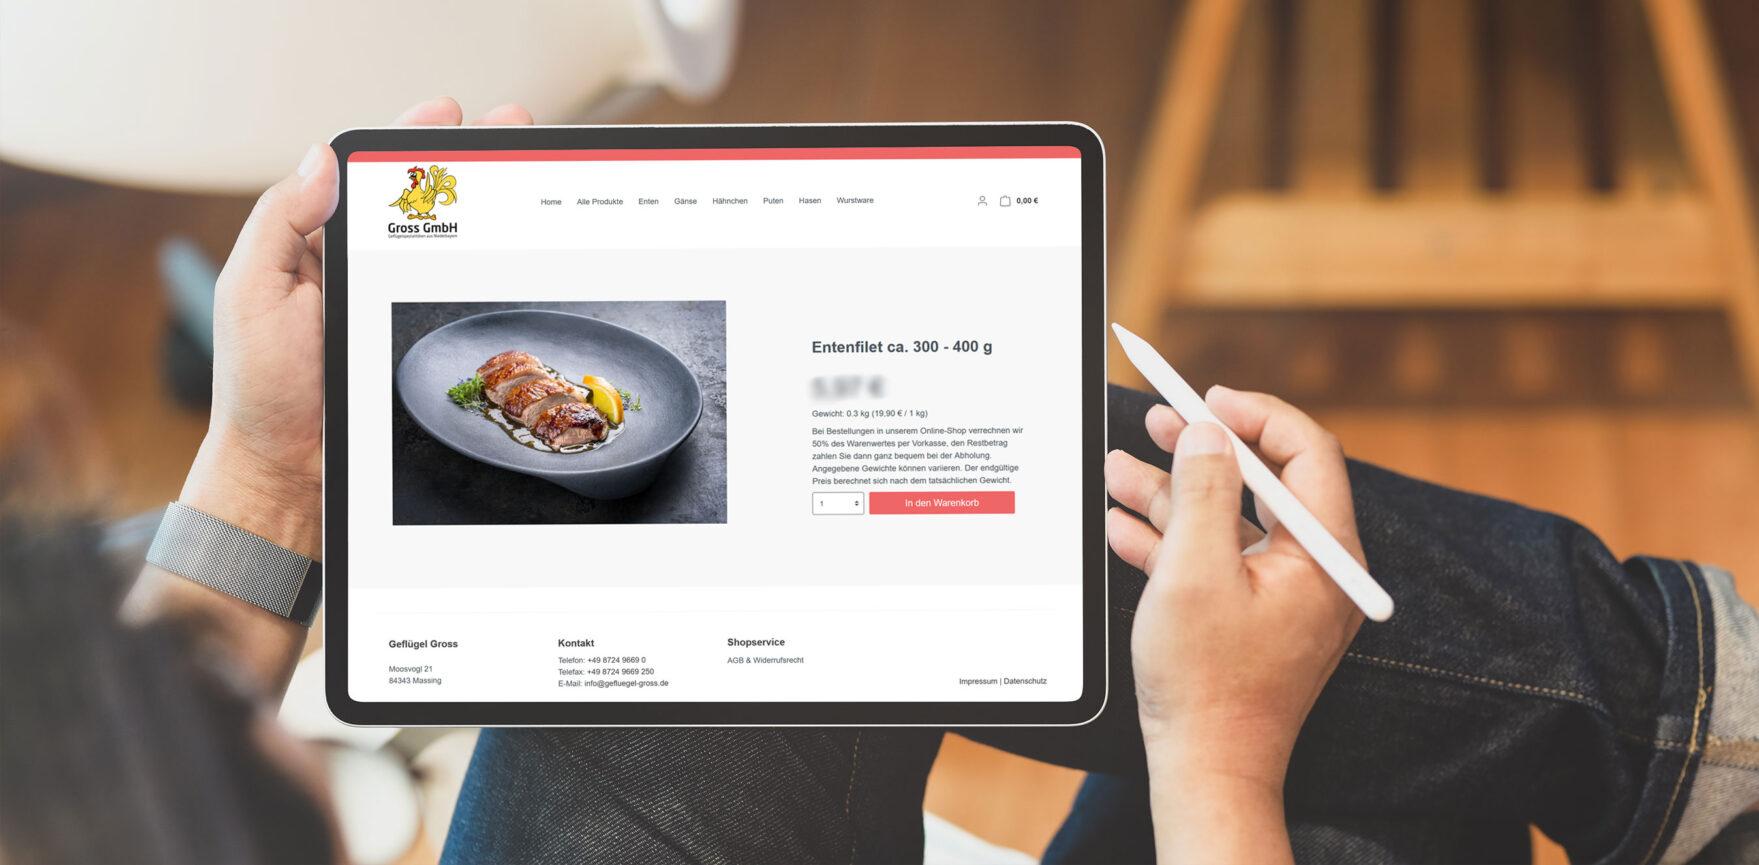 Geflügel Gross Shopware Online Shop iPad responsive